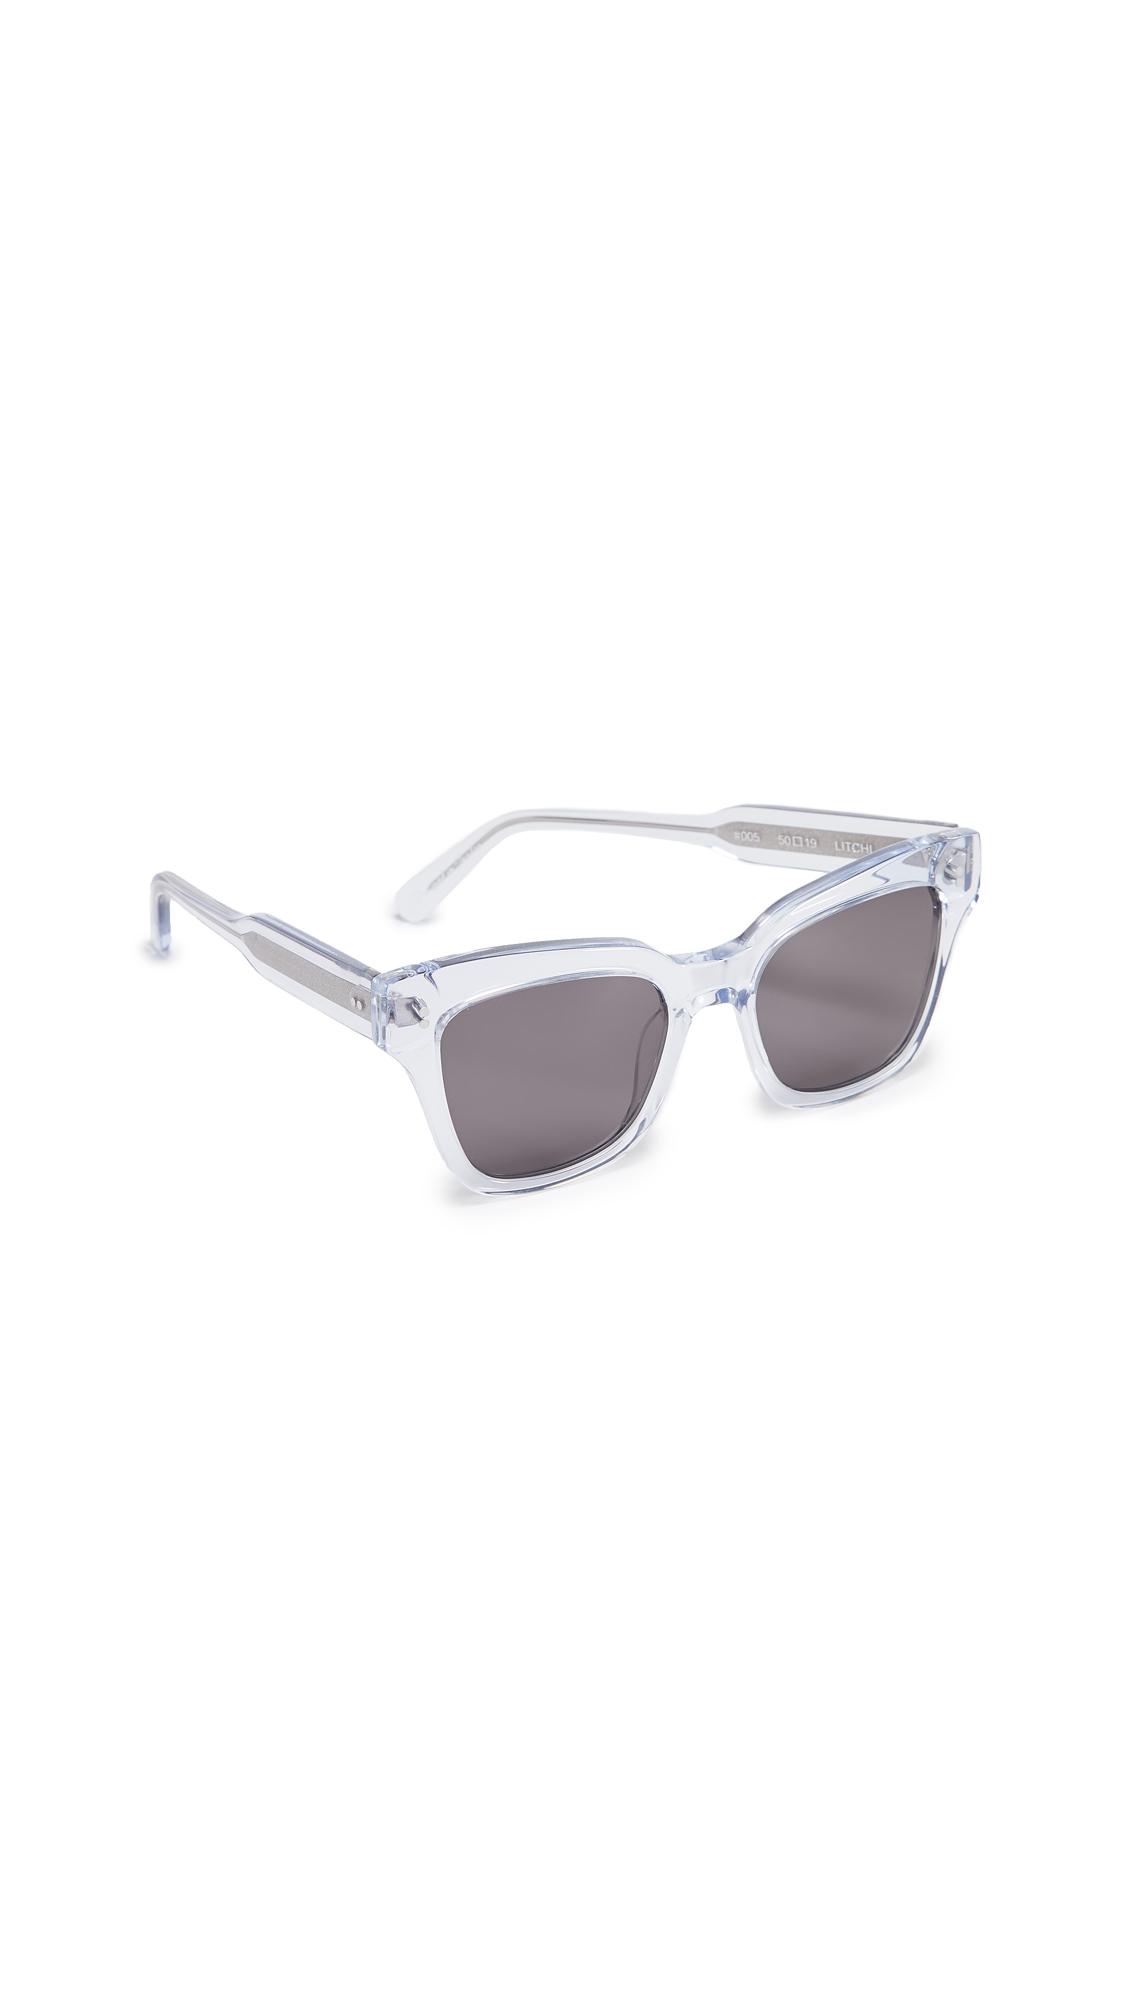 CHIMI 005 Sunglasses in Litchi